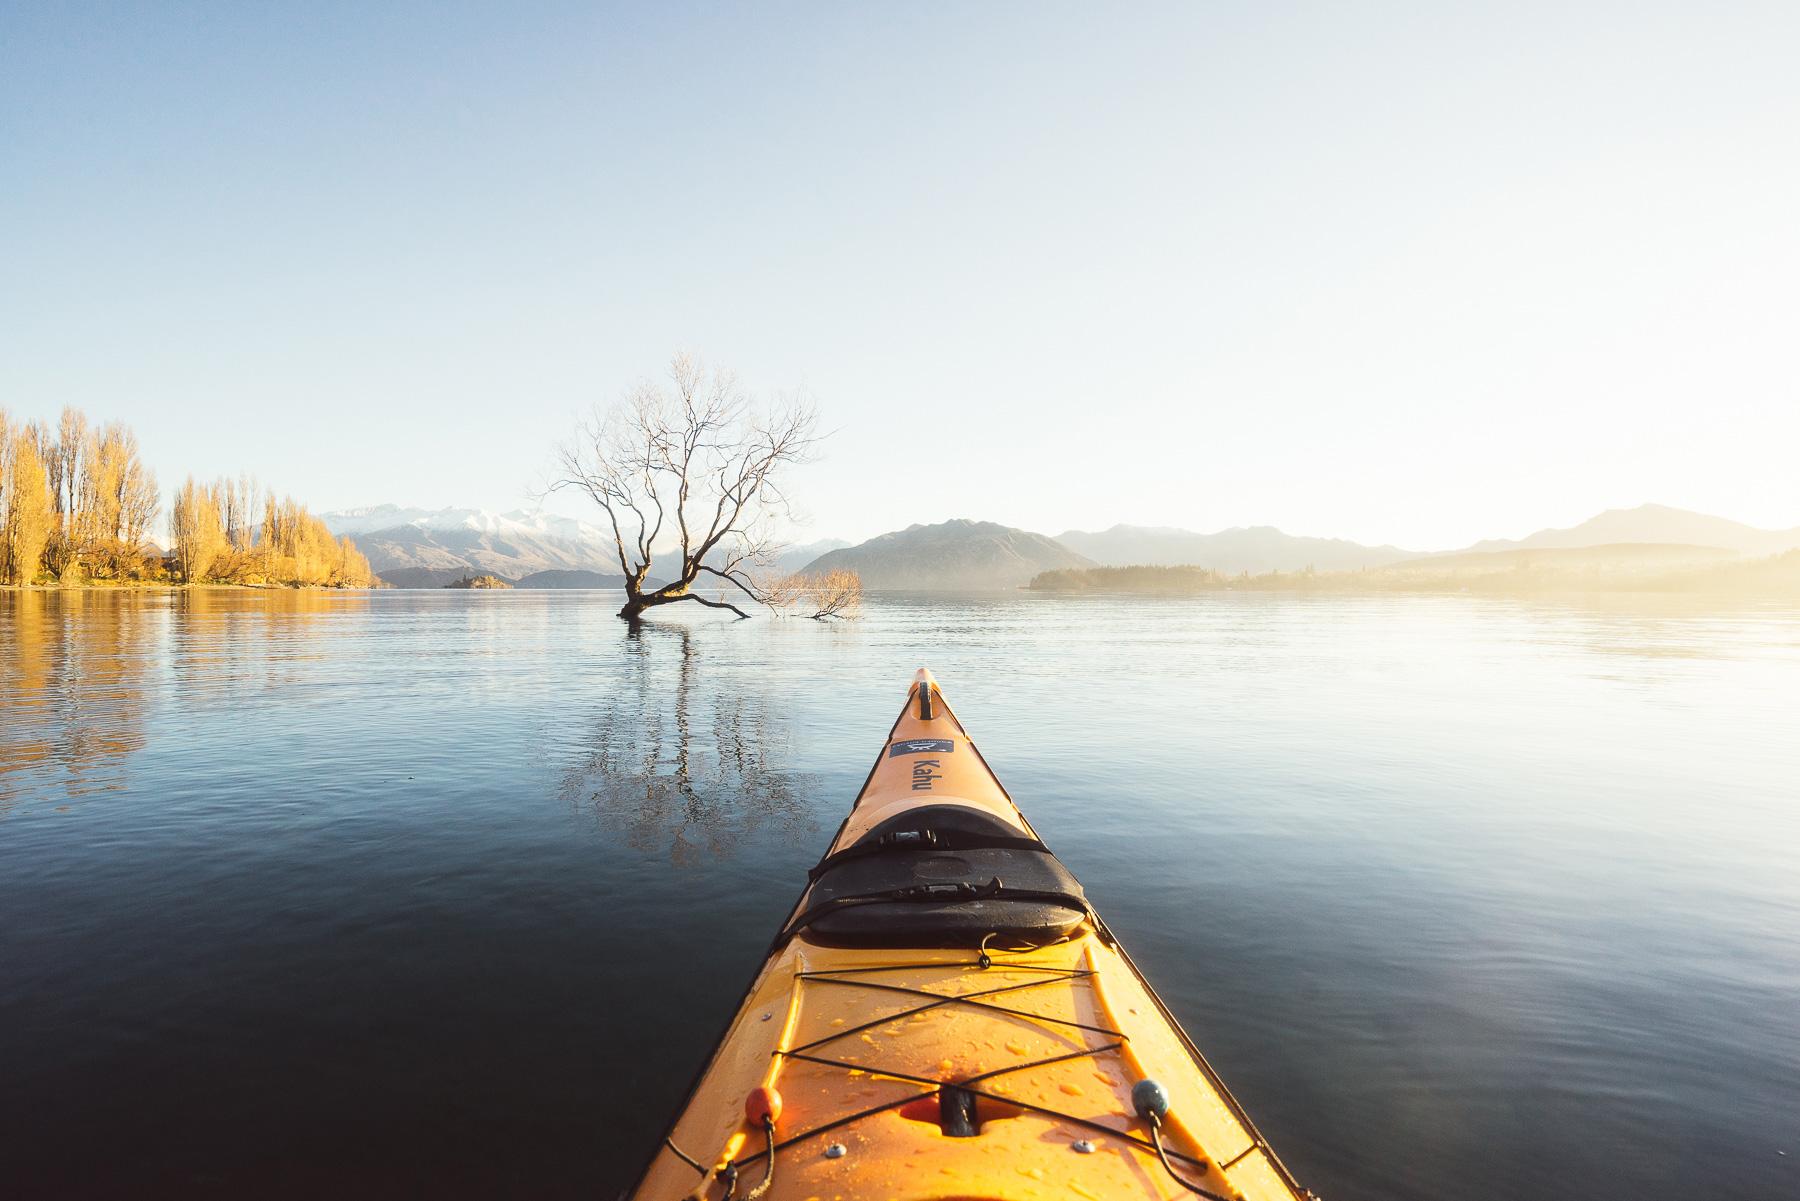 El-fotógrafo-Johan-Lolos-exploró-Nueva-Zelanda-durante-1-año-13